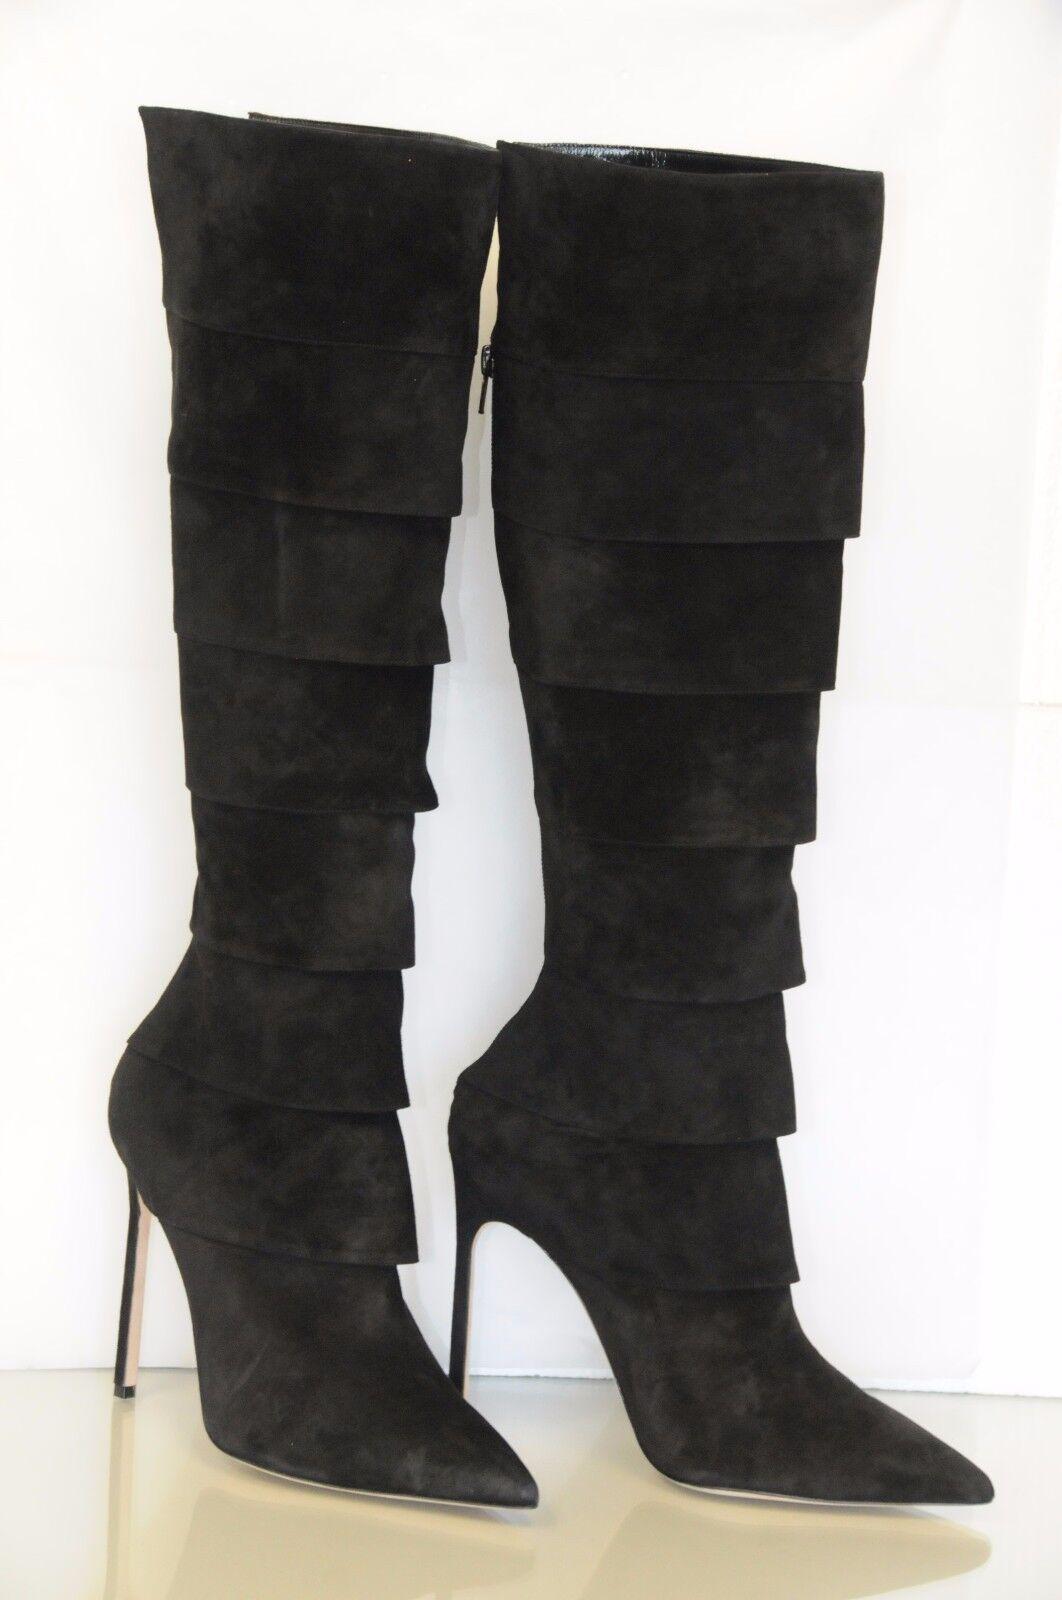 Nuevo Manolo Blahnik Degenerada ante Negro Bb 115 botas botas botas Tacón Zapatos 40 Sexy  Nuevos productos de artículos novedosos.